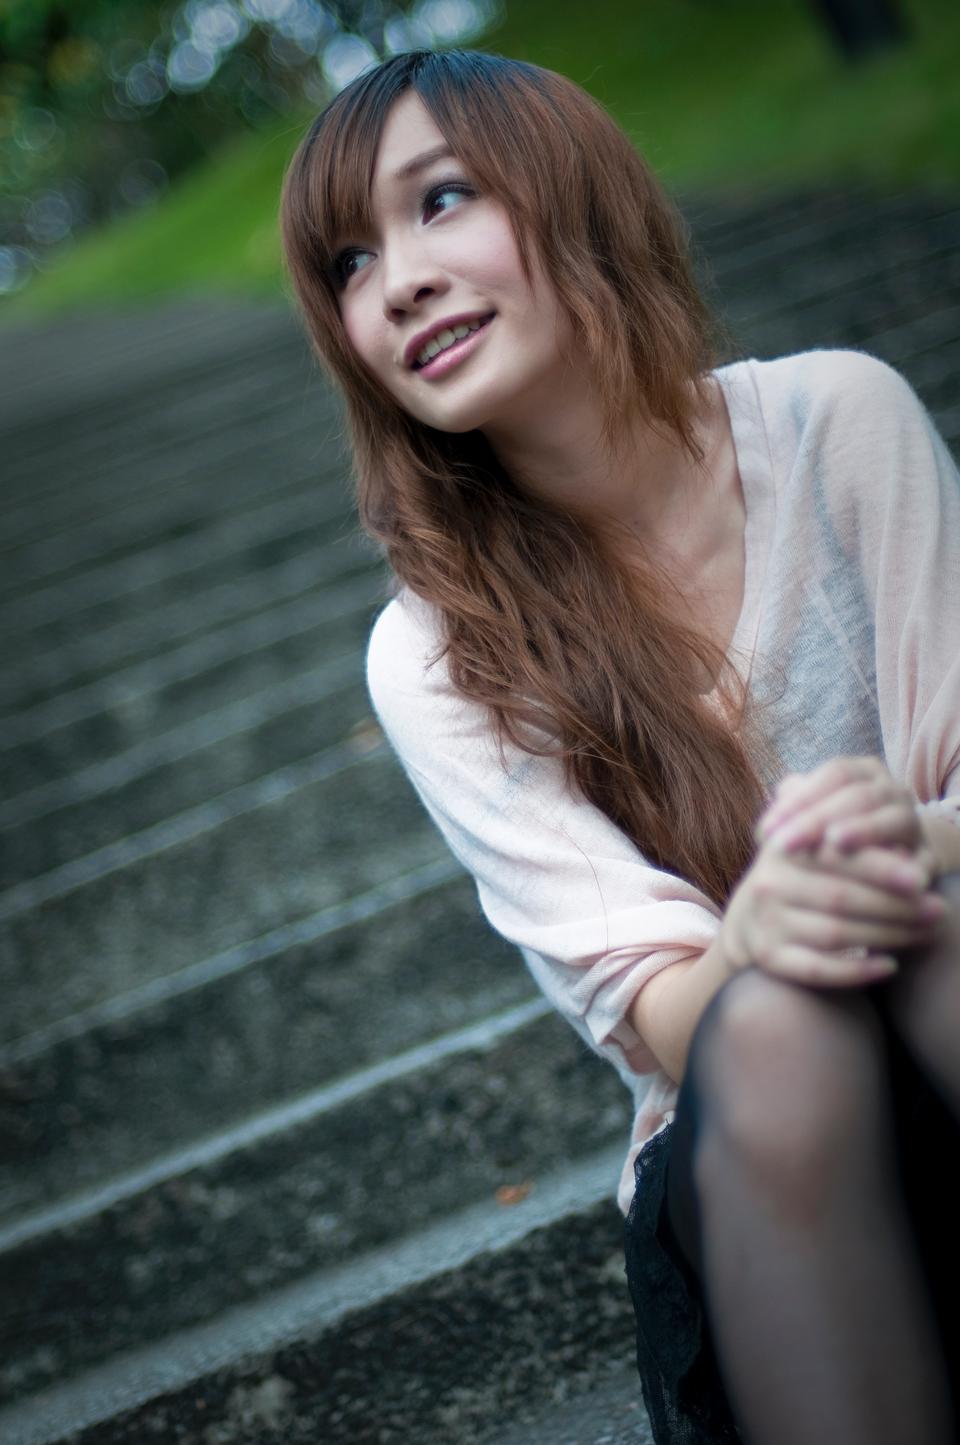 Chica linda que se sienta en pasos fuera